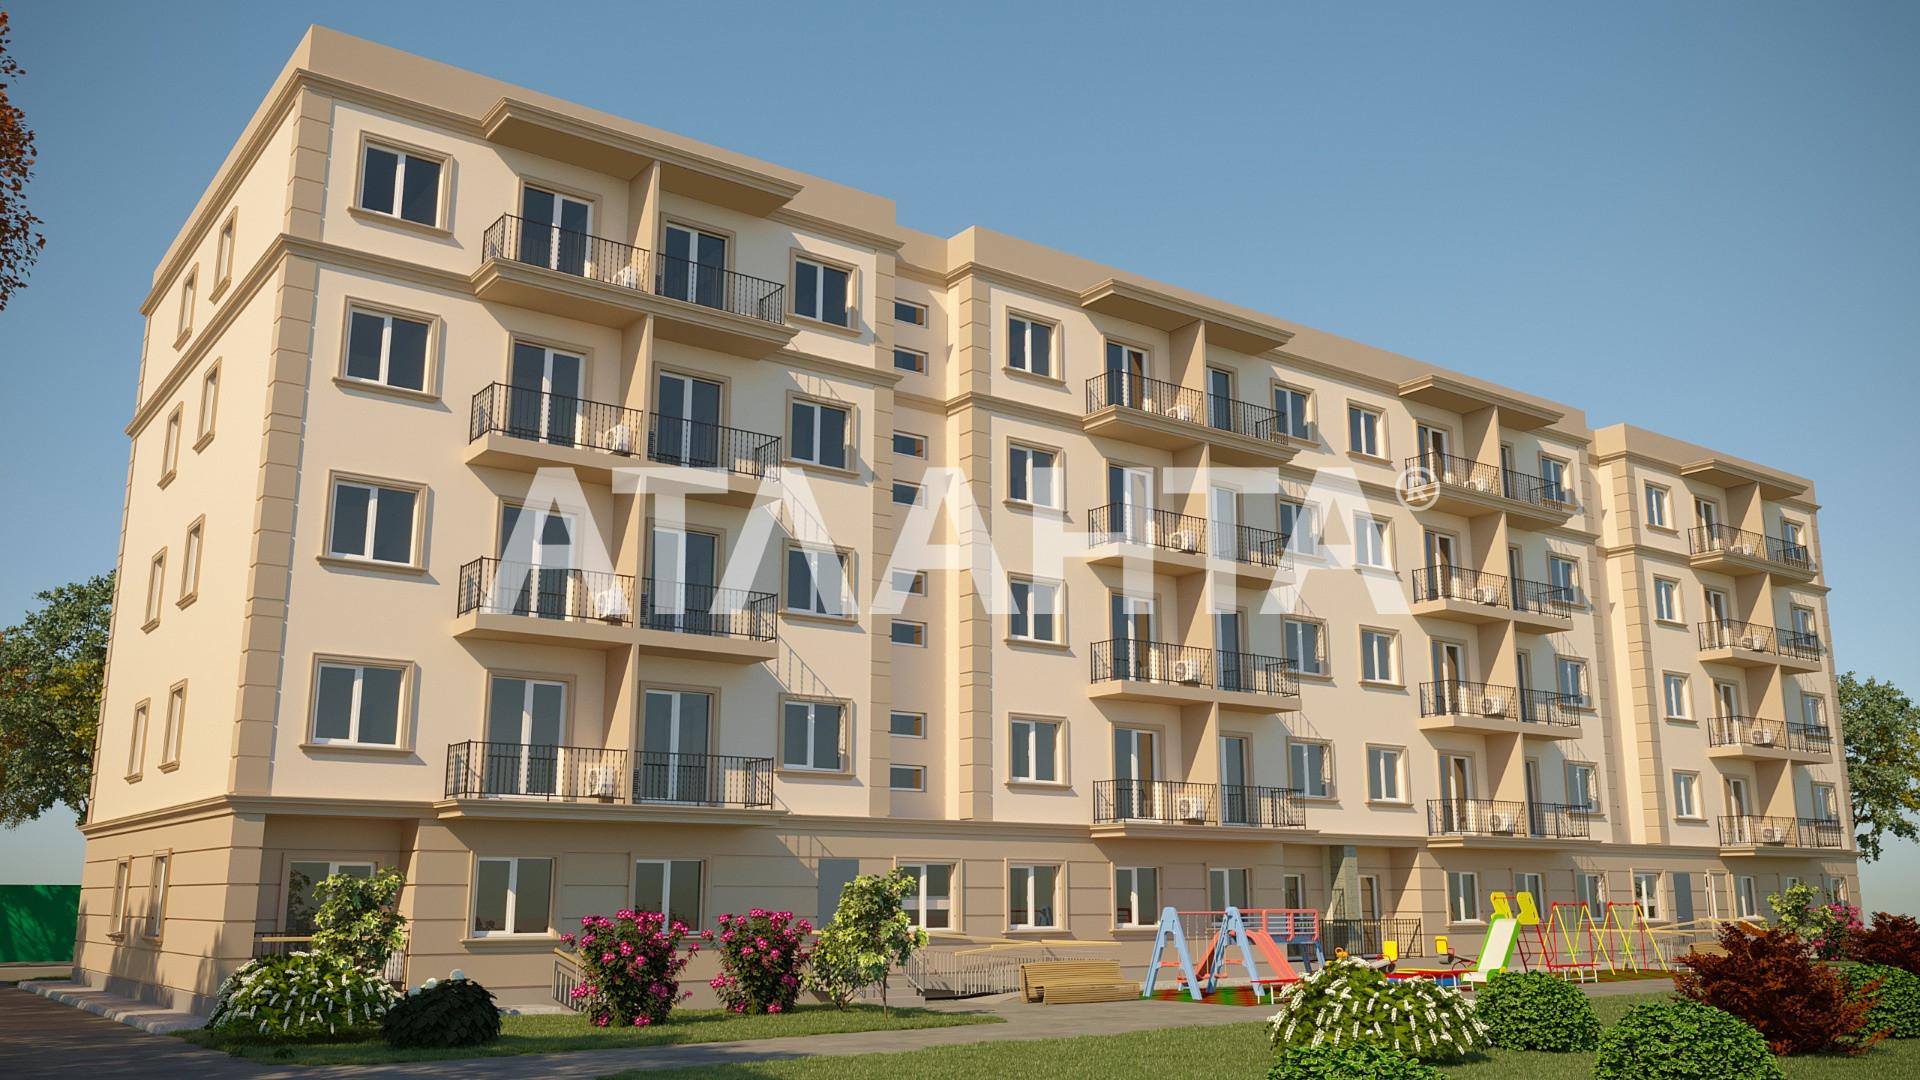 Продается 1-комнатная Квартира на ул. Люстдорфская Дор. (Черноморская Дор.) — 31 840 у.е. (фото №2)